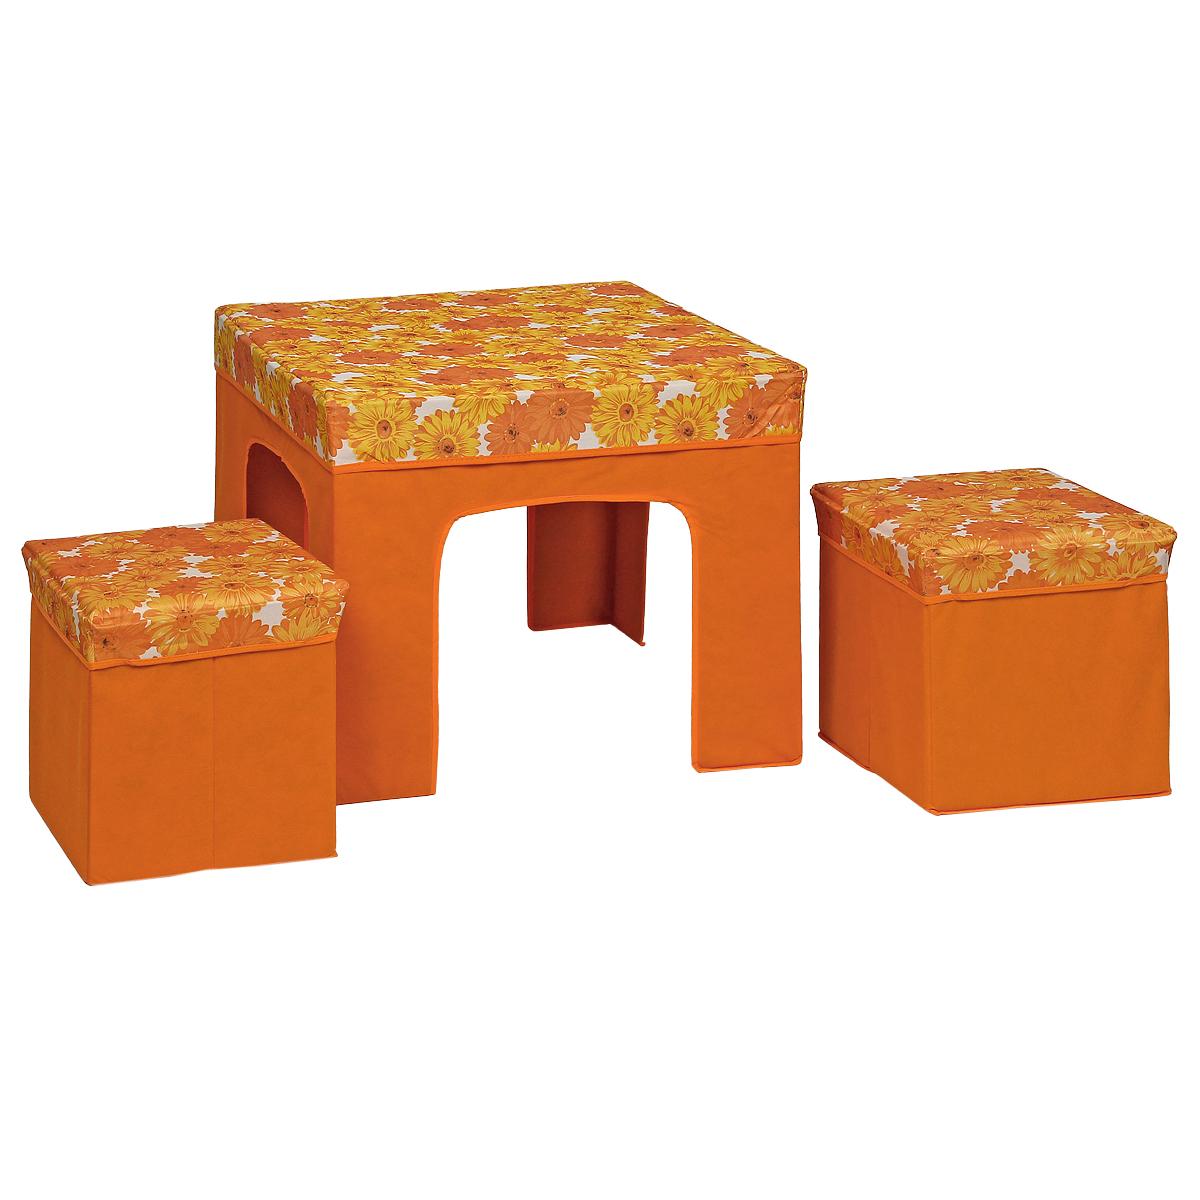 Набор складной мебели Orange, 3 предмета82305